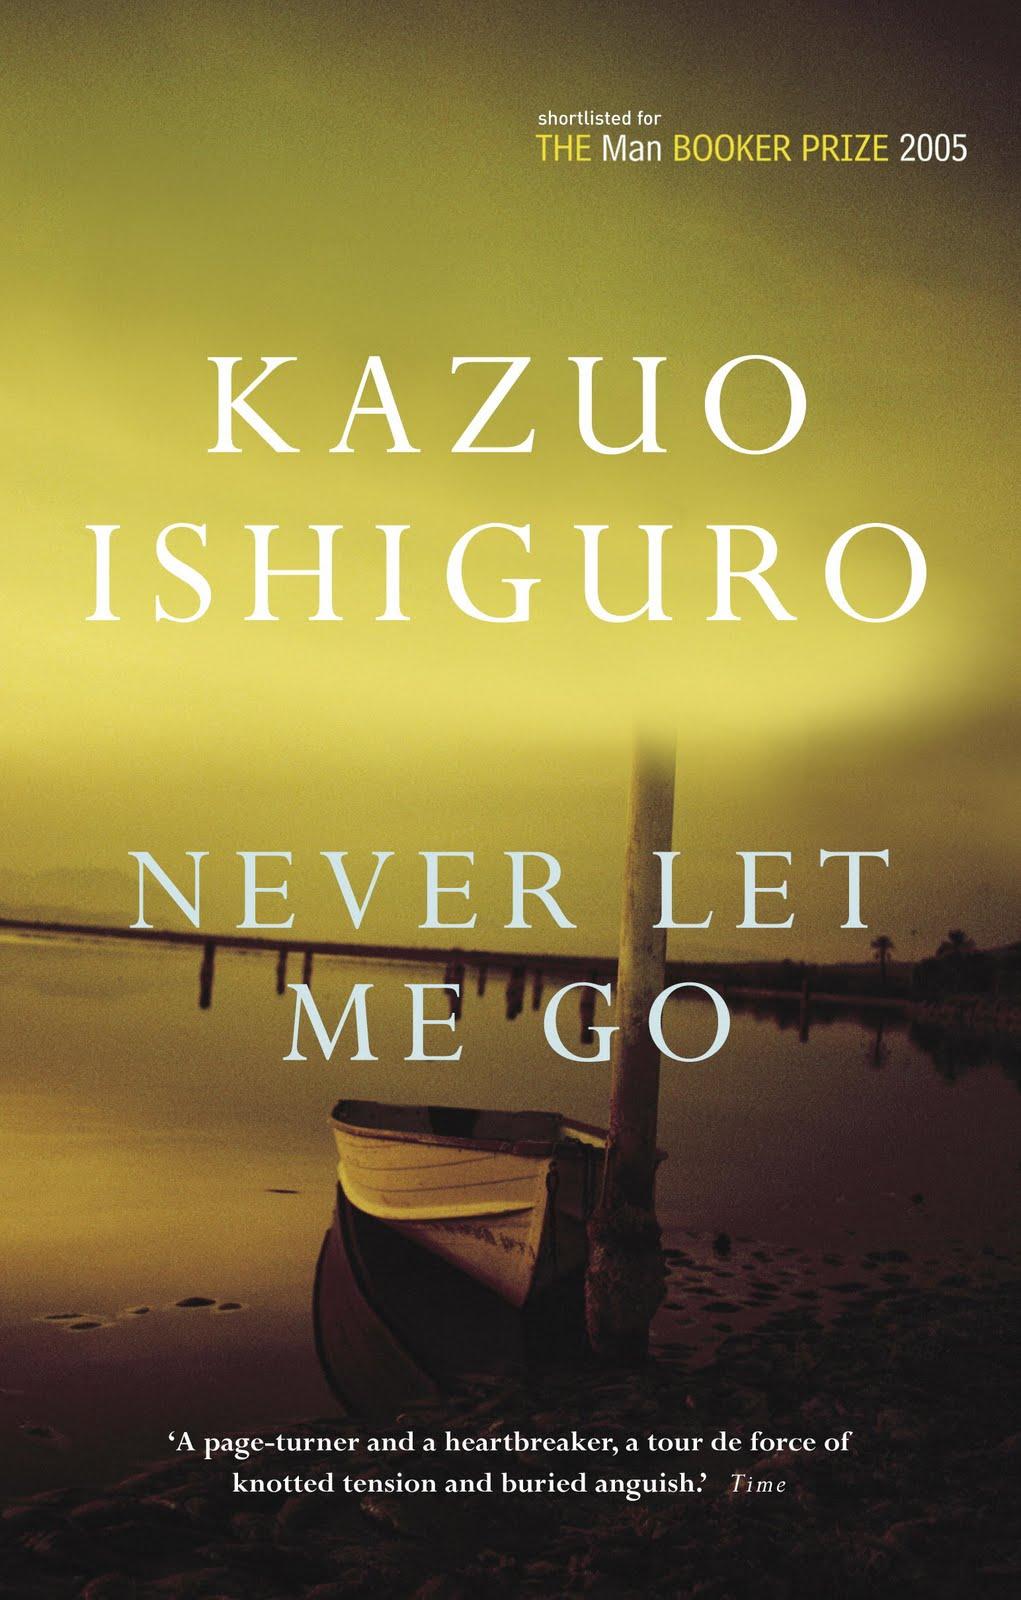 Kazuo Ishiguro, Never let me go